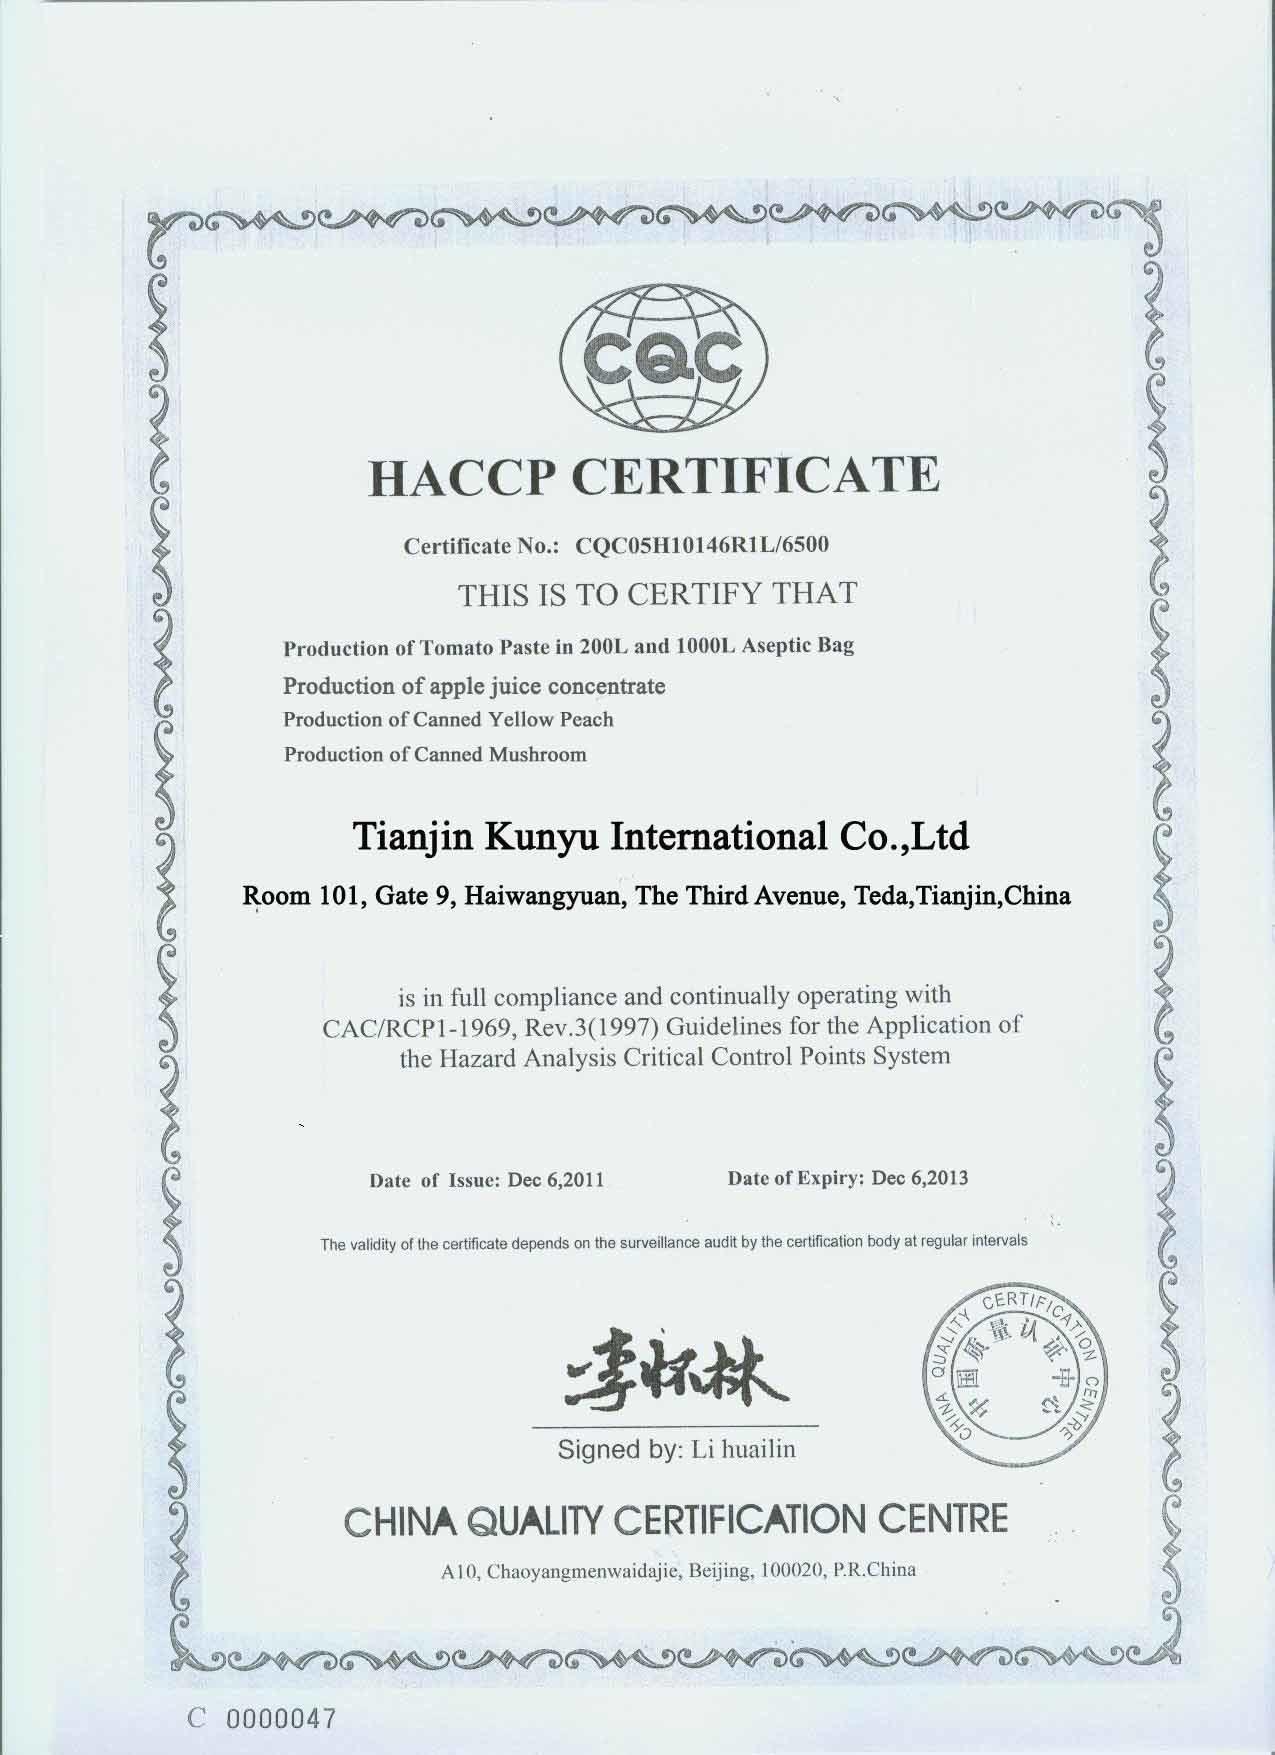 Haccp Certificate Tianjin Kunyu International Co Ltd